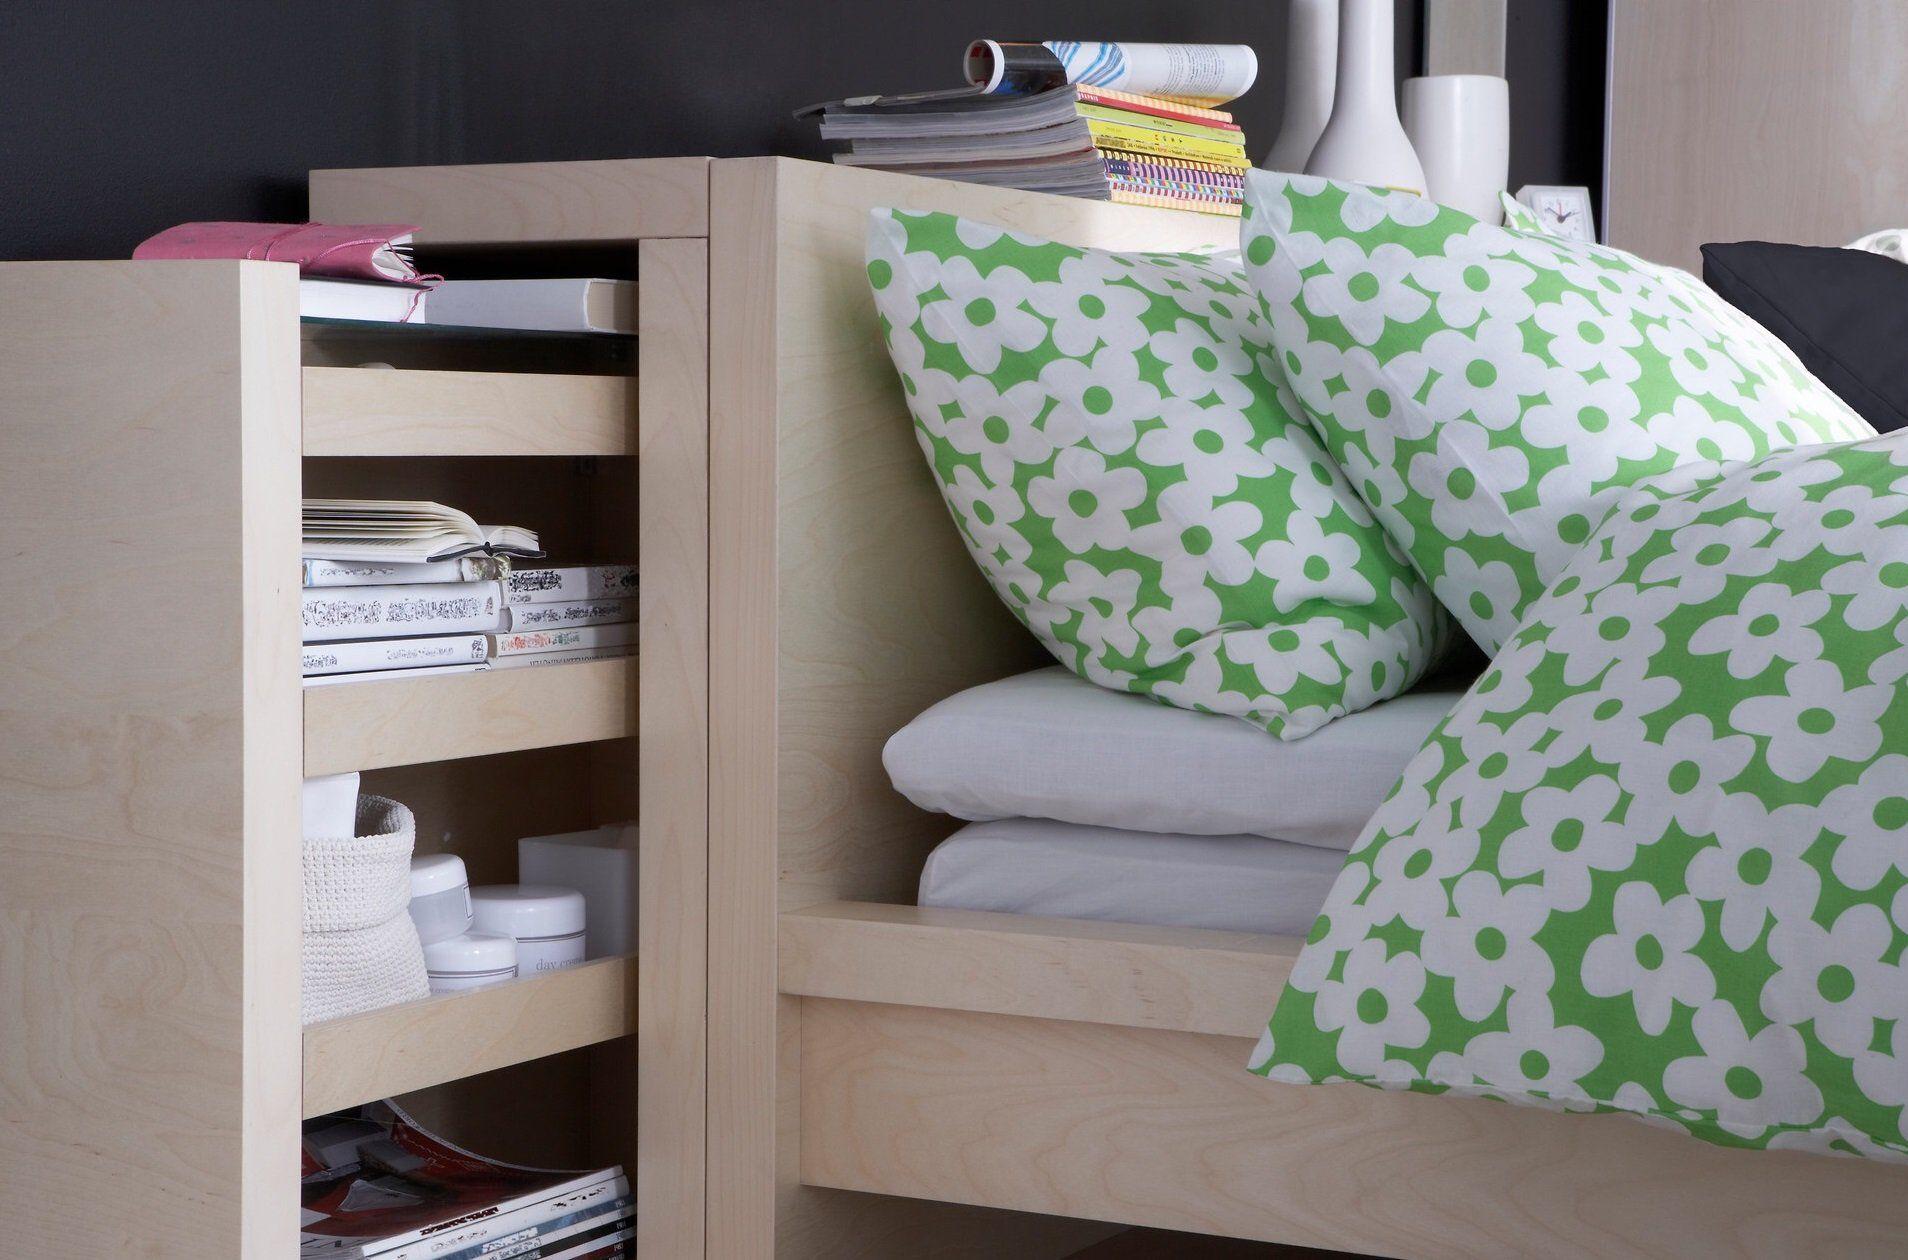 26 Tetes De Lit Avec Rangement Integre Pour Votre Chambre Page 2 Sur 3 Headboard Storage Buy Bedroom Furniture Ikea Bedroom Furniture